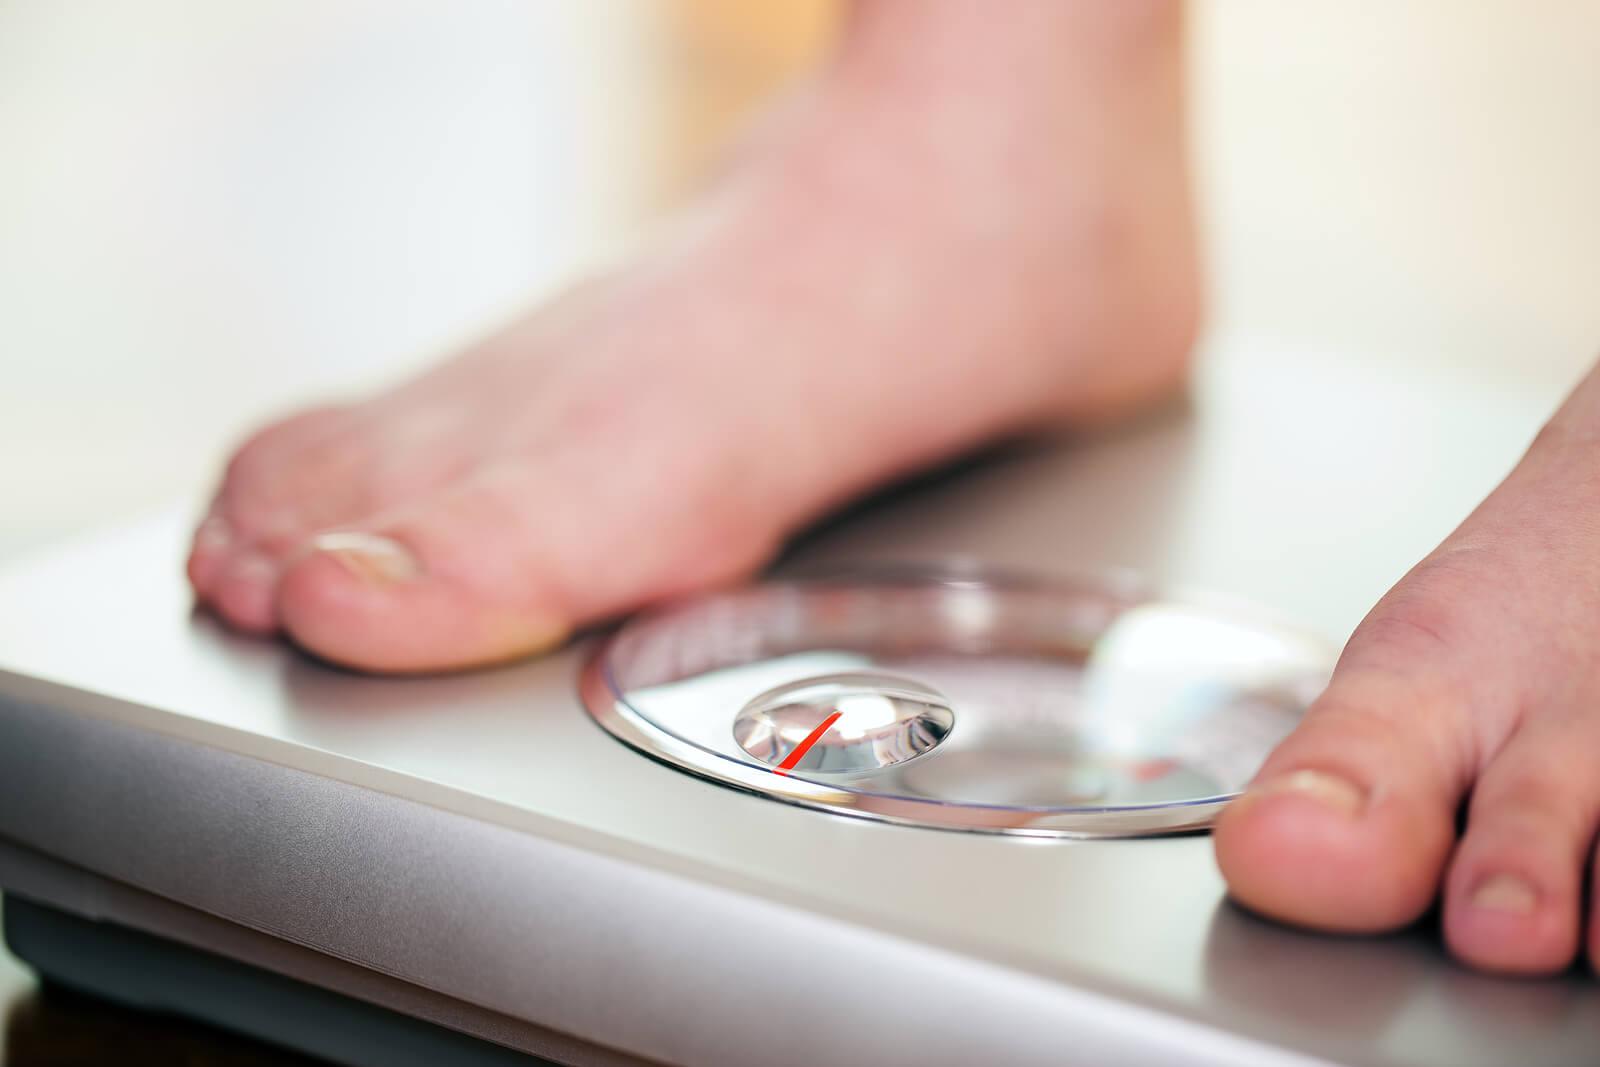 Perder peso en poco tiempo es posible, manteniendo buenos hábitos de vida.